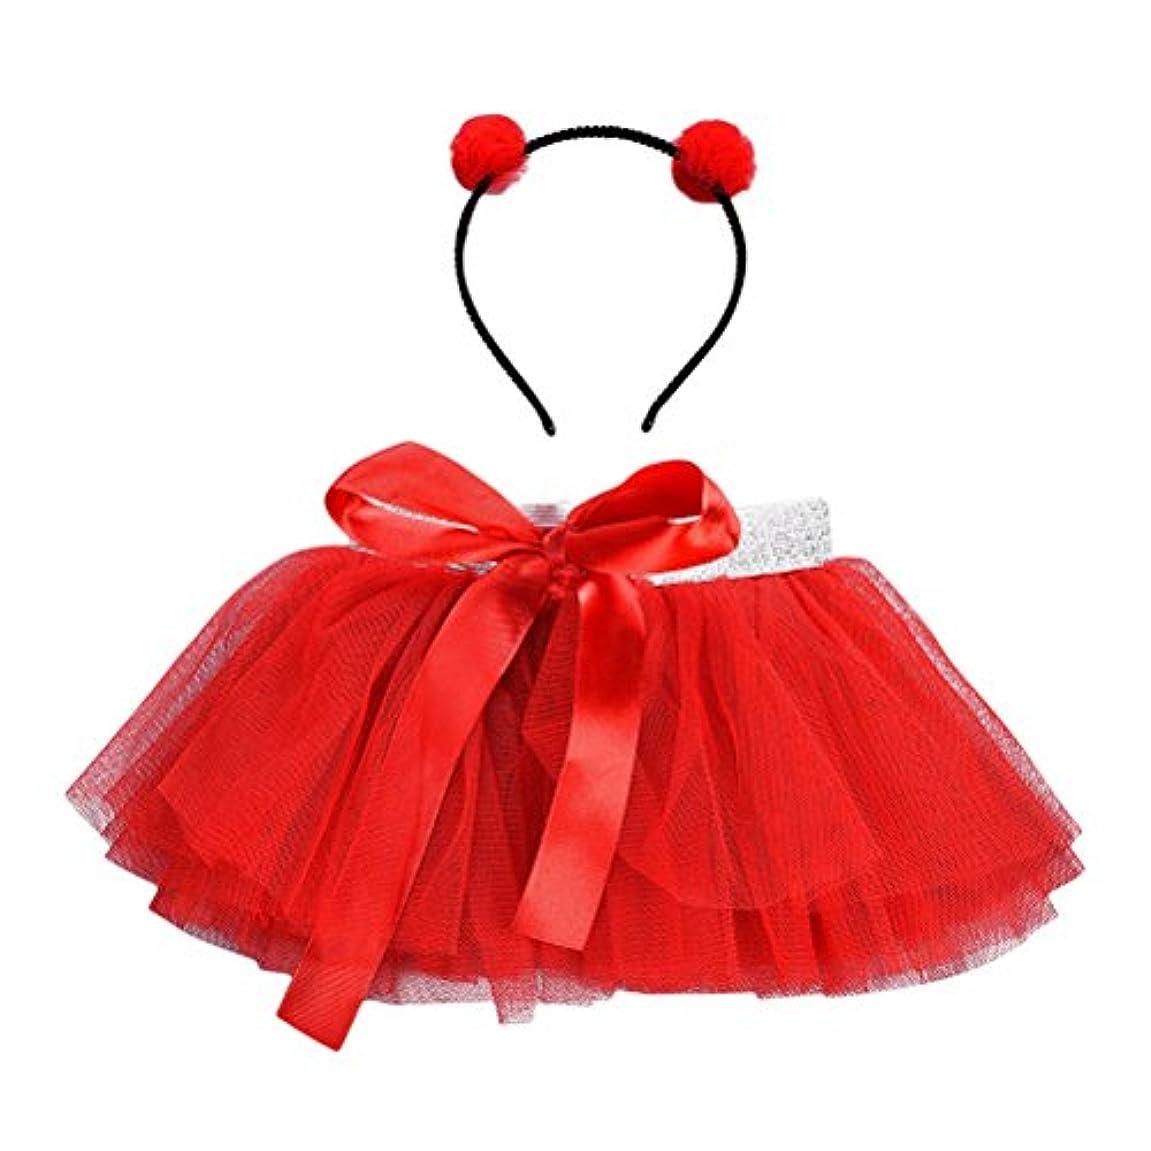 成熟した和最適LUOEM 女の子TutuスカートセットヘッドバンドプリンセスガールTutuの服装赤ちゃん女の子Birthday Outfit Set(Red)